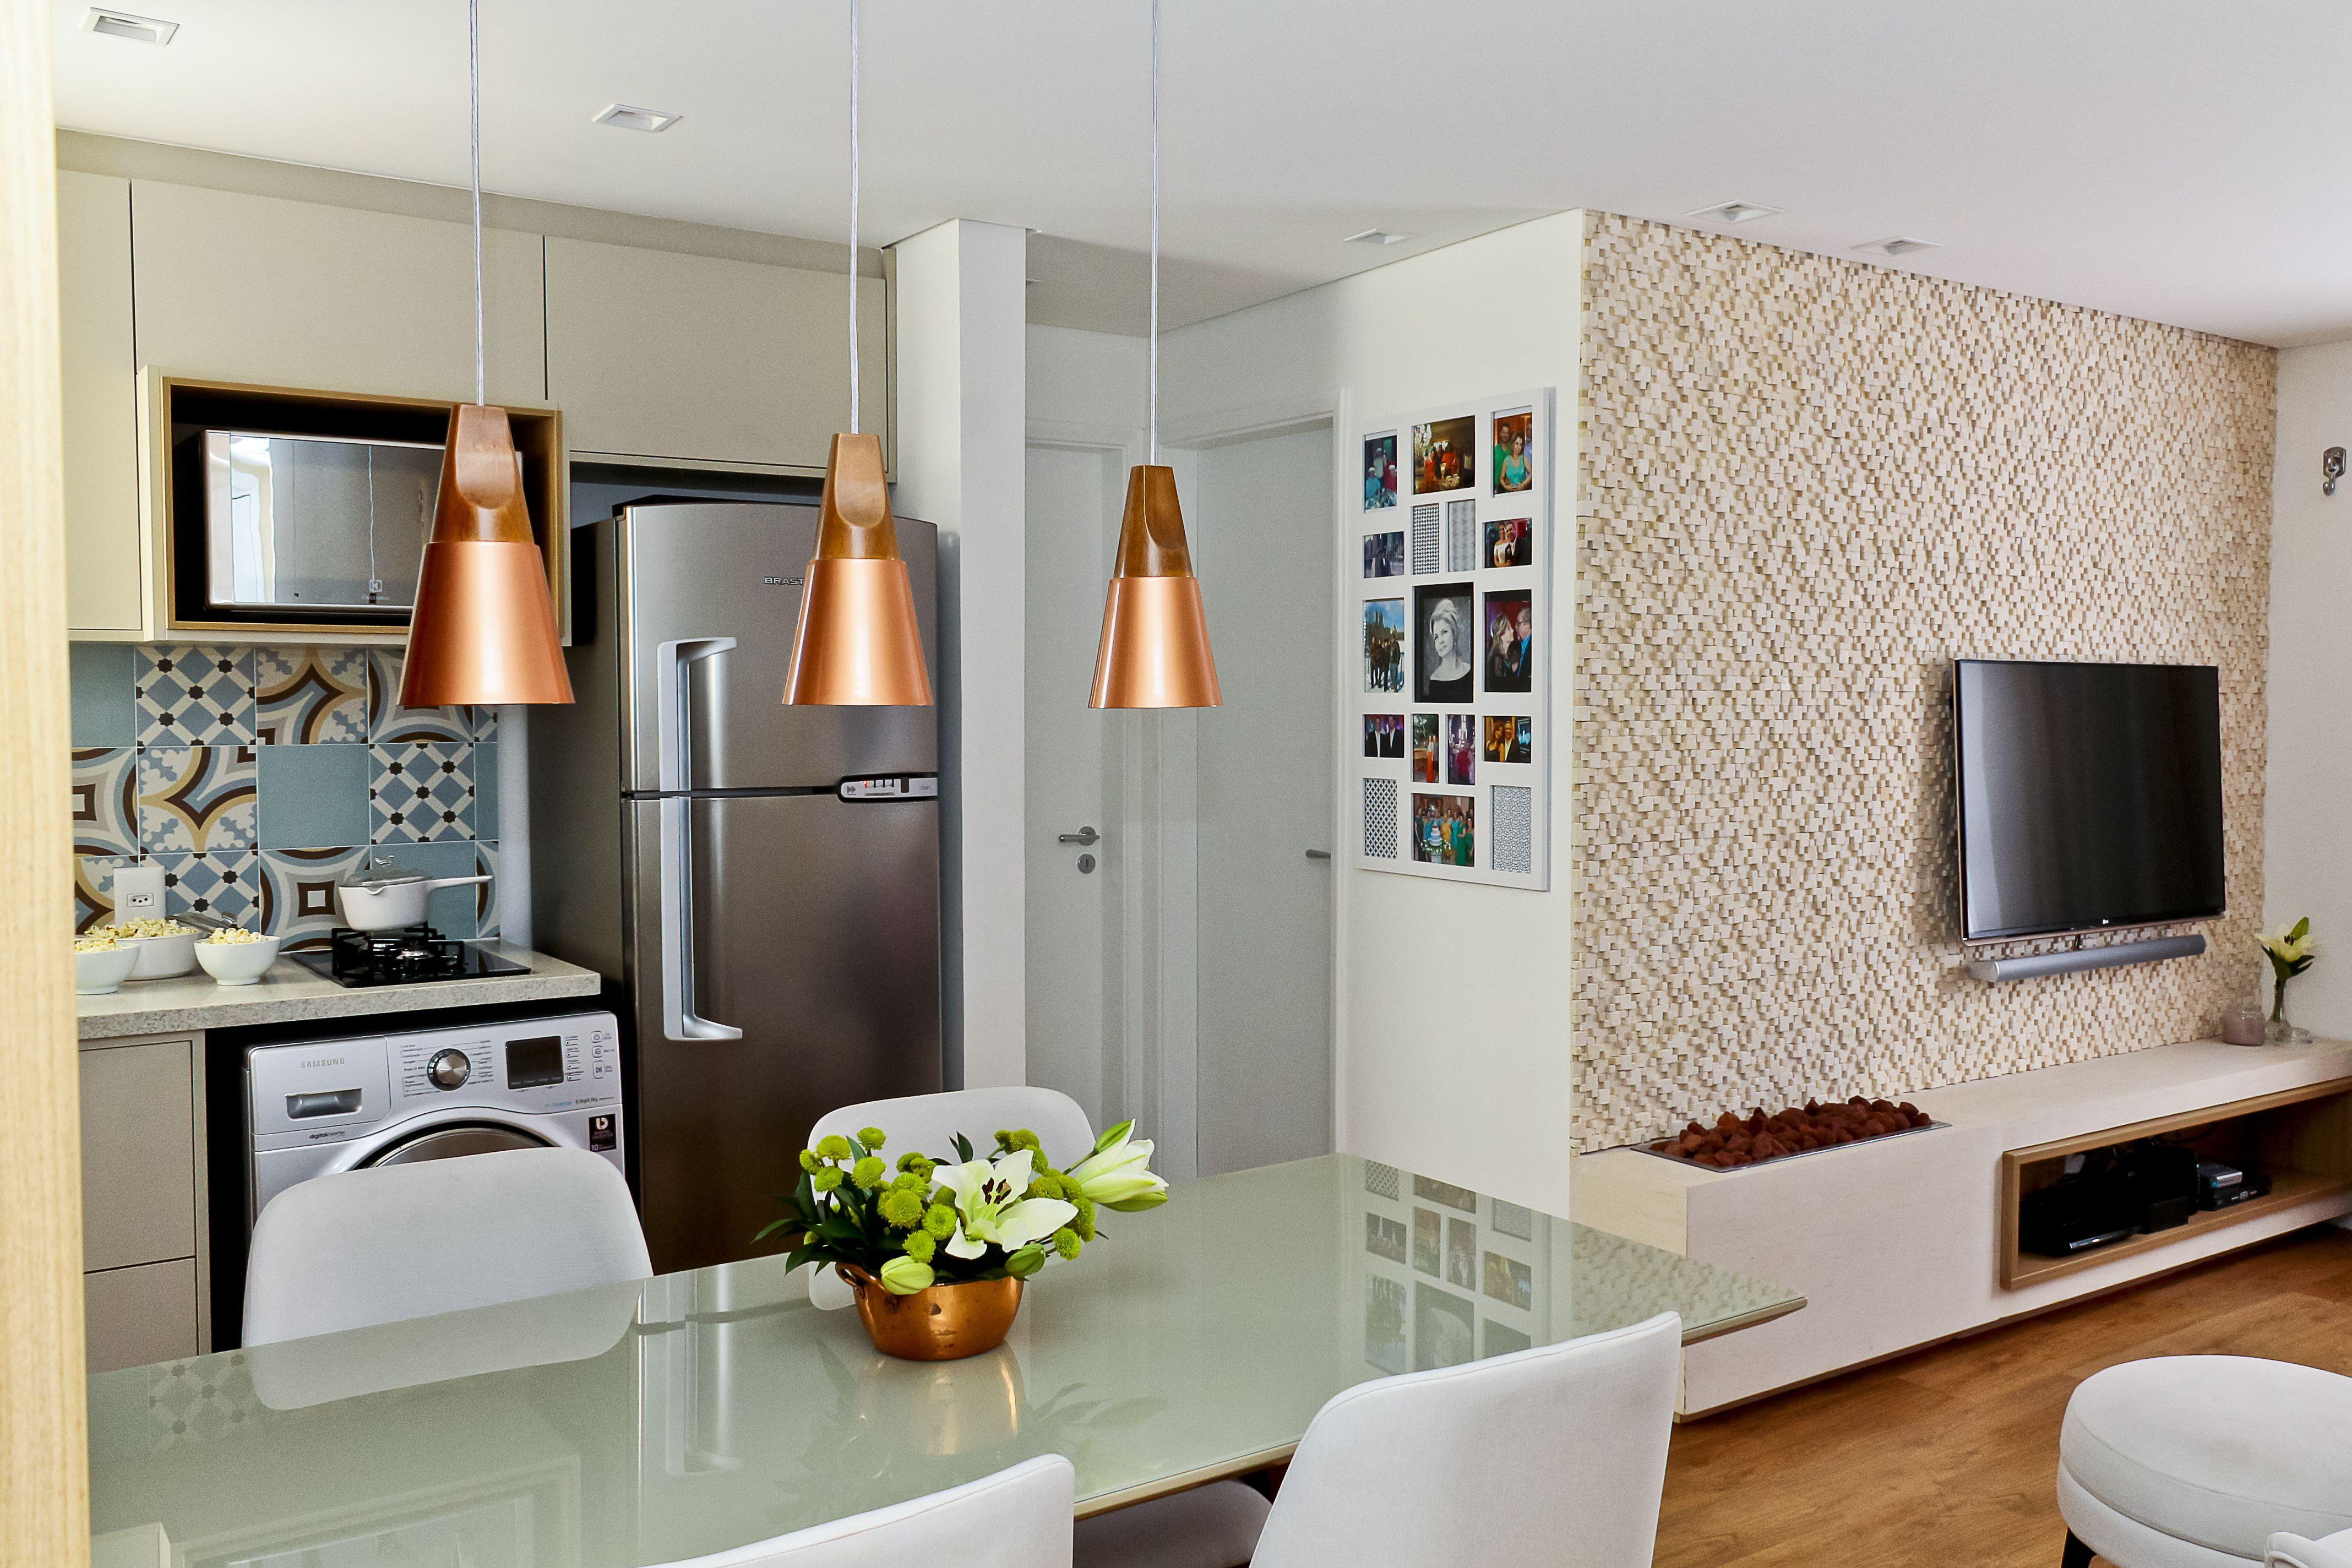 Apartamento pequeno: 10 apartamentos pequenos e bem decorados com ...